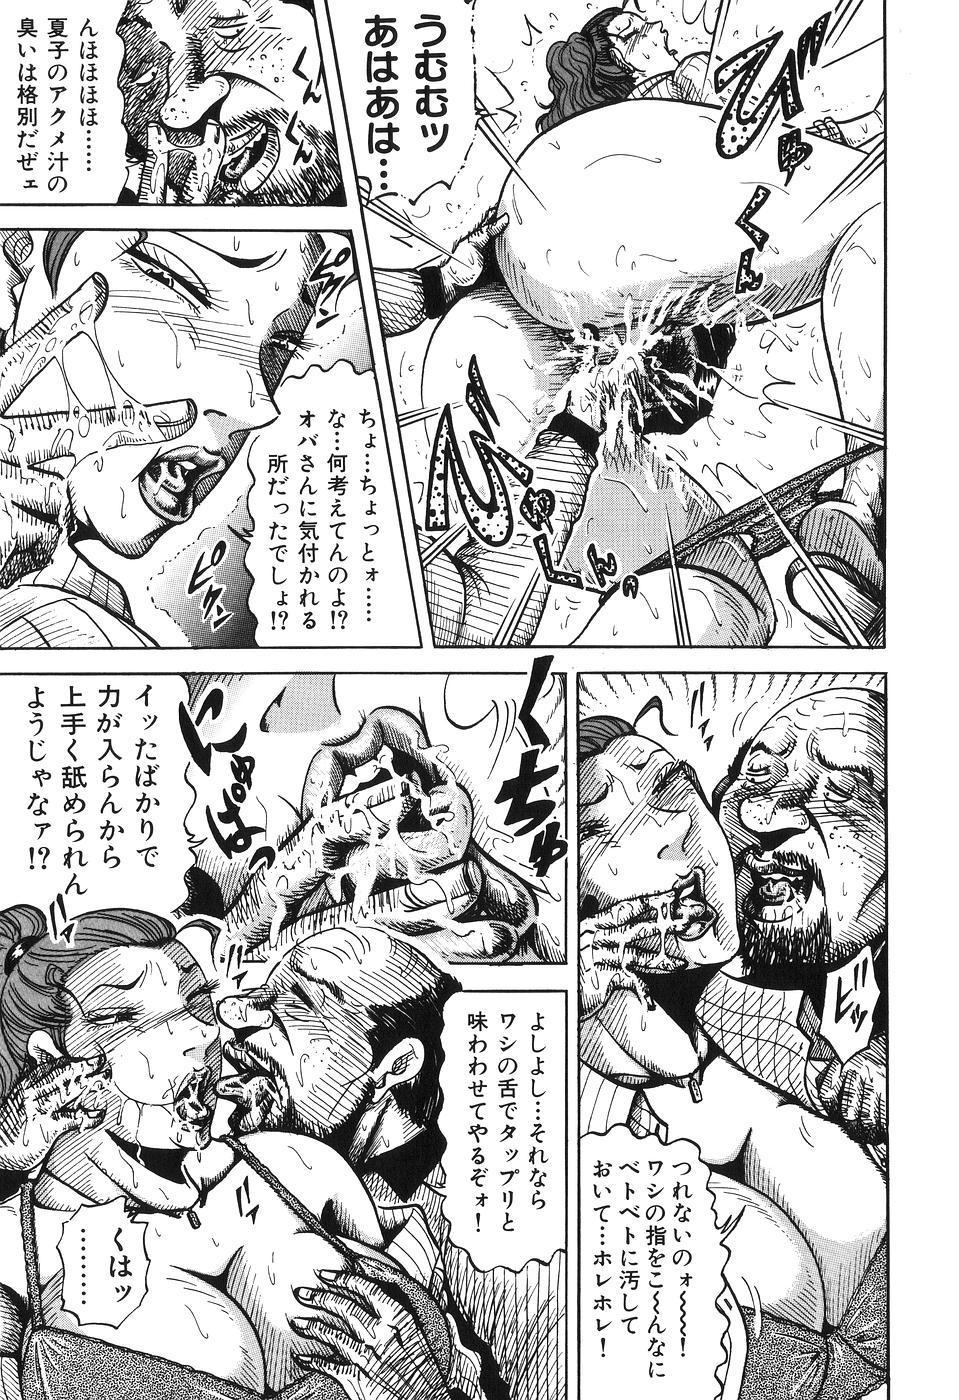 Jukubo Soukan Yosoji no Tawamure 76